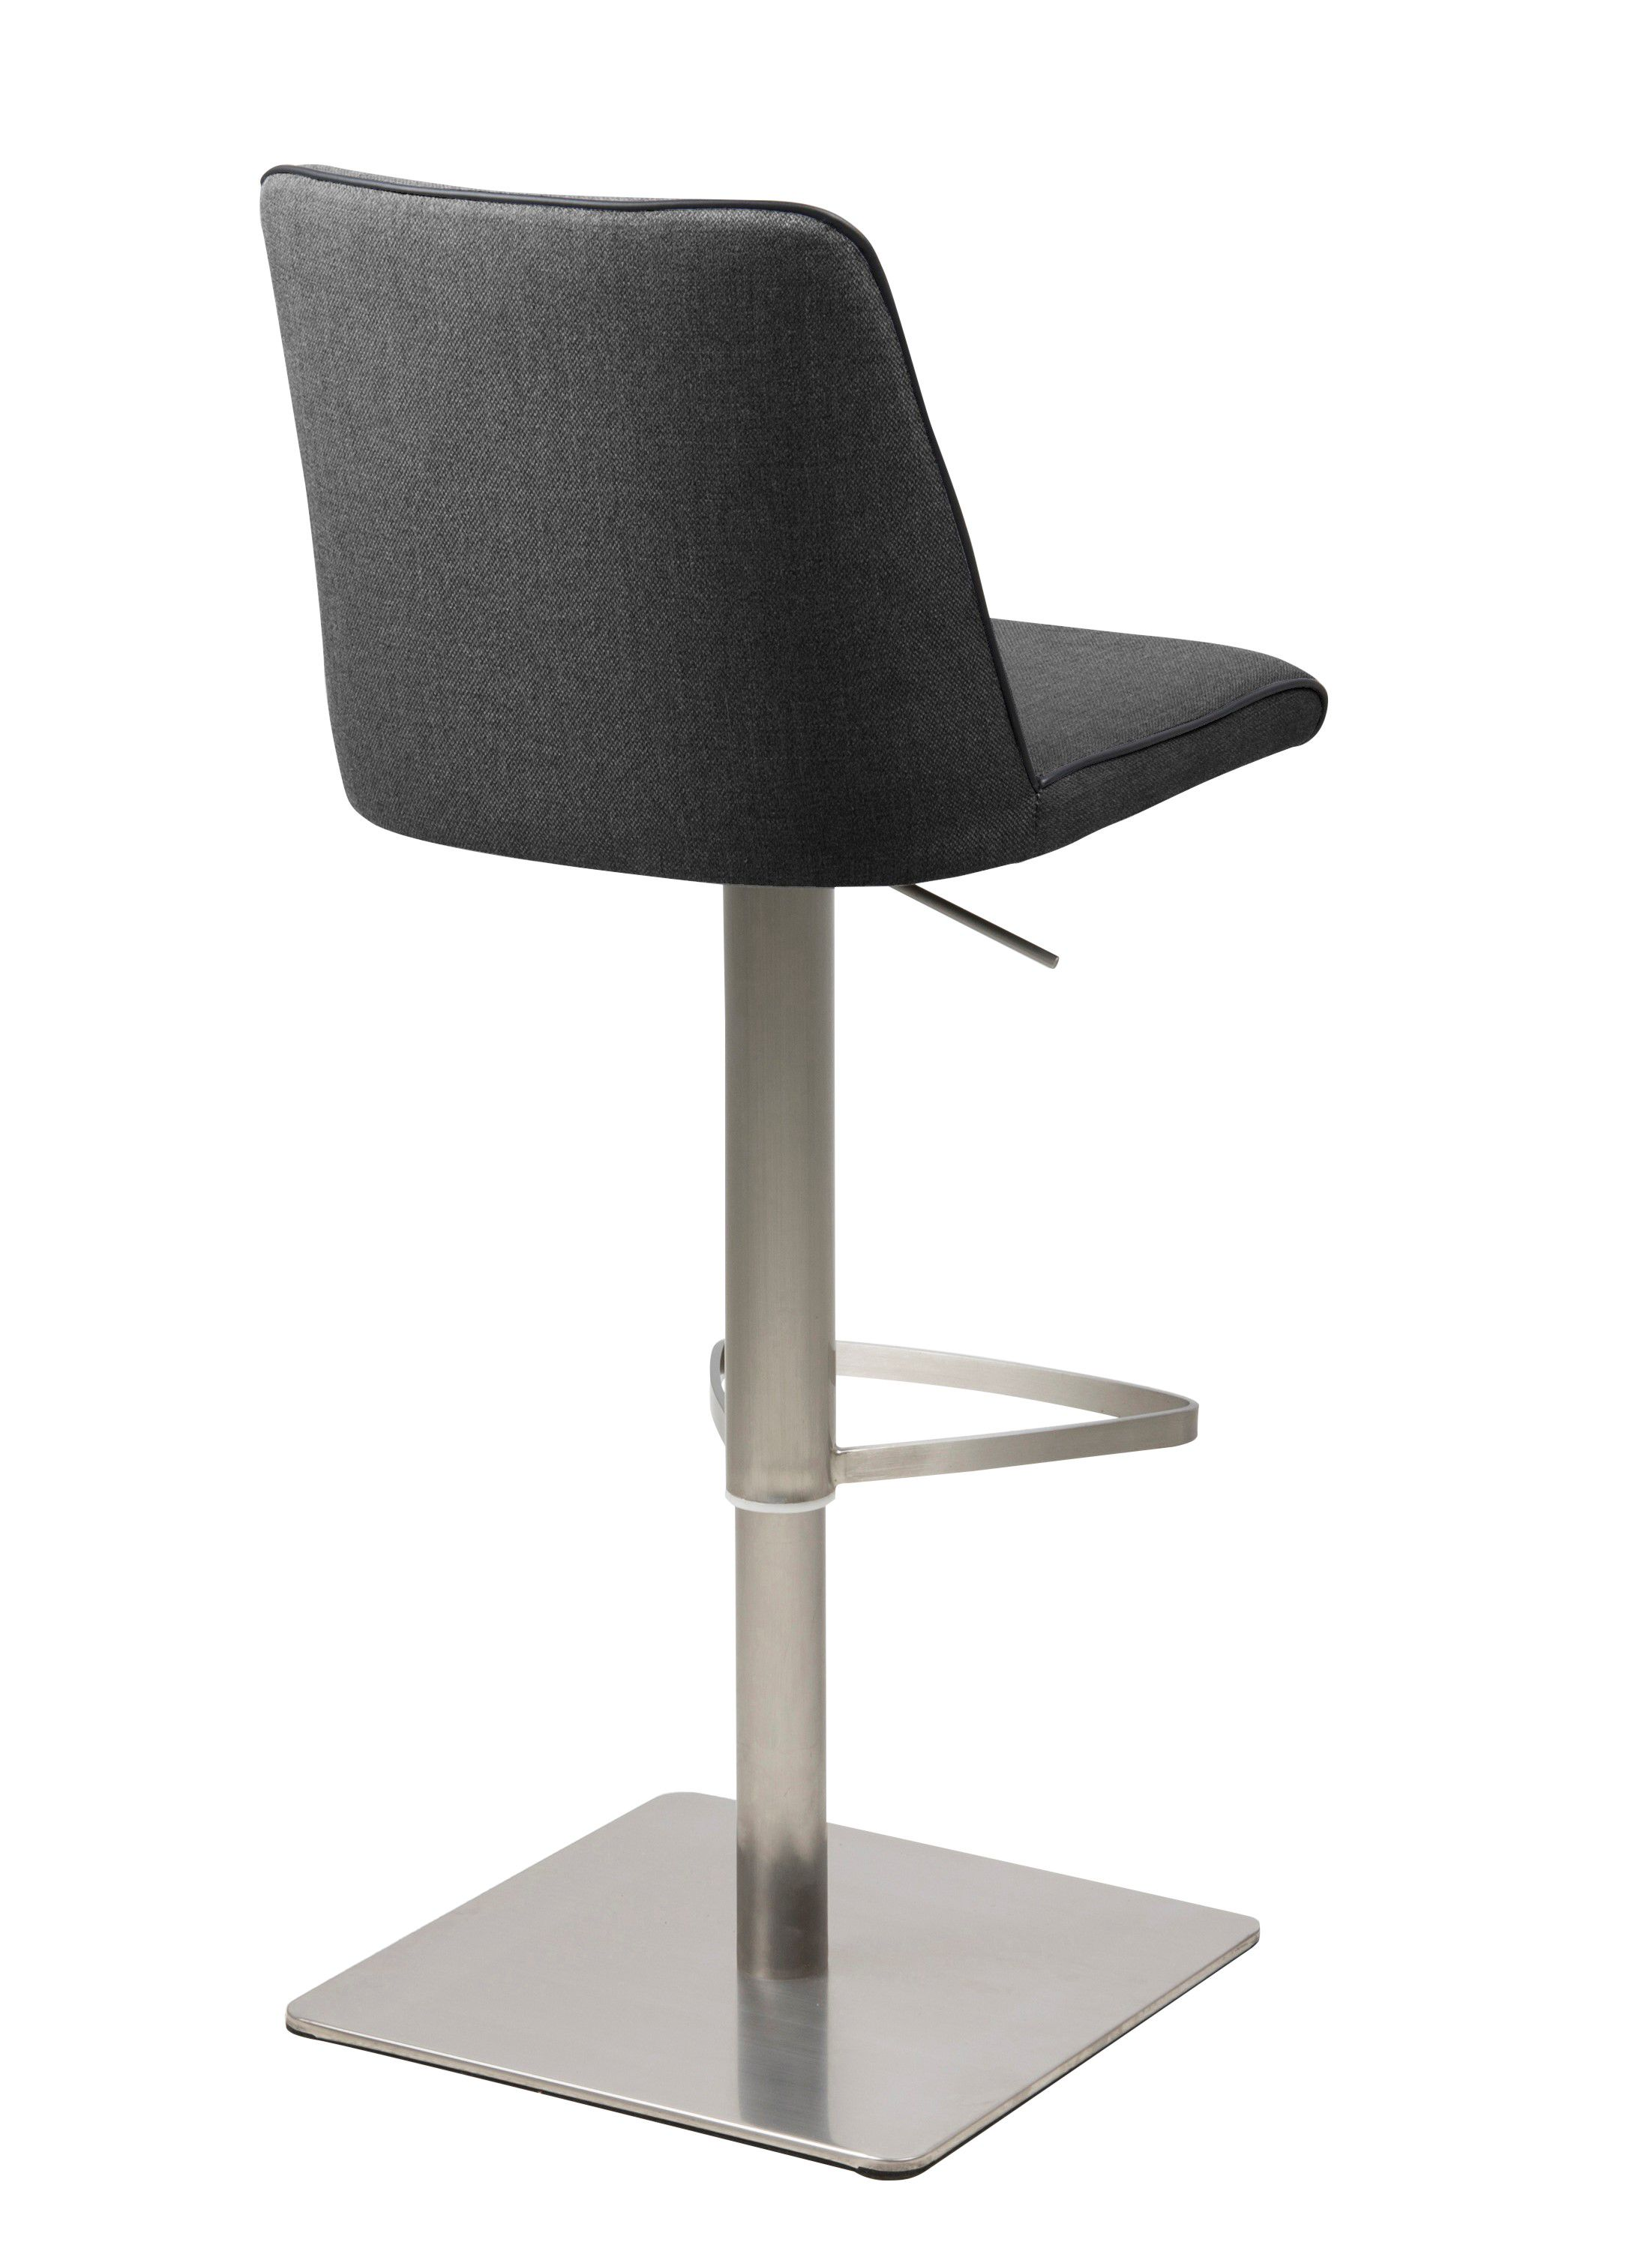 gadbjerg-barkruk-in-hoogte-verstelbaar-stof-grijs-2